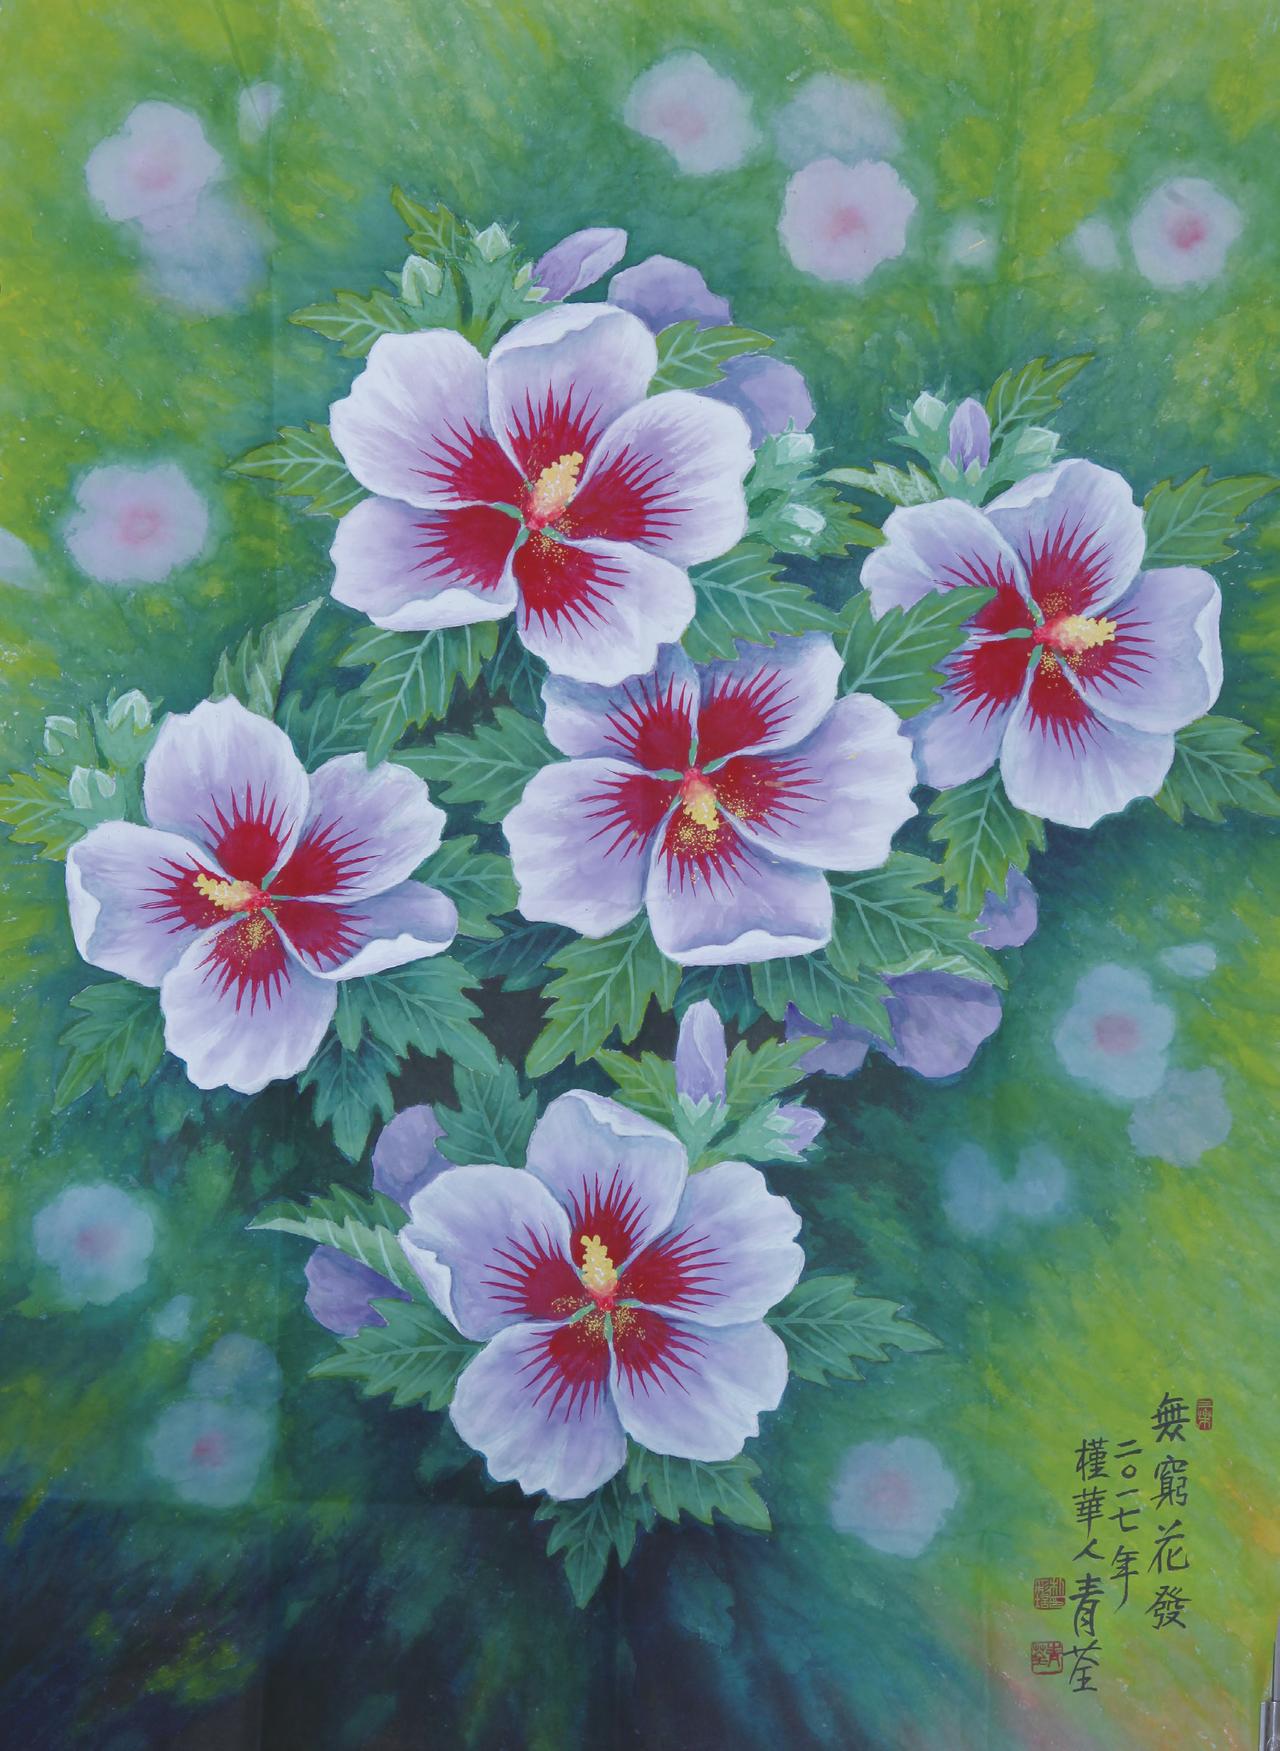 박채배(한국화)-무궁화꽃이 피었습니다.